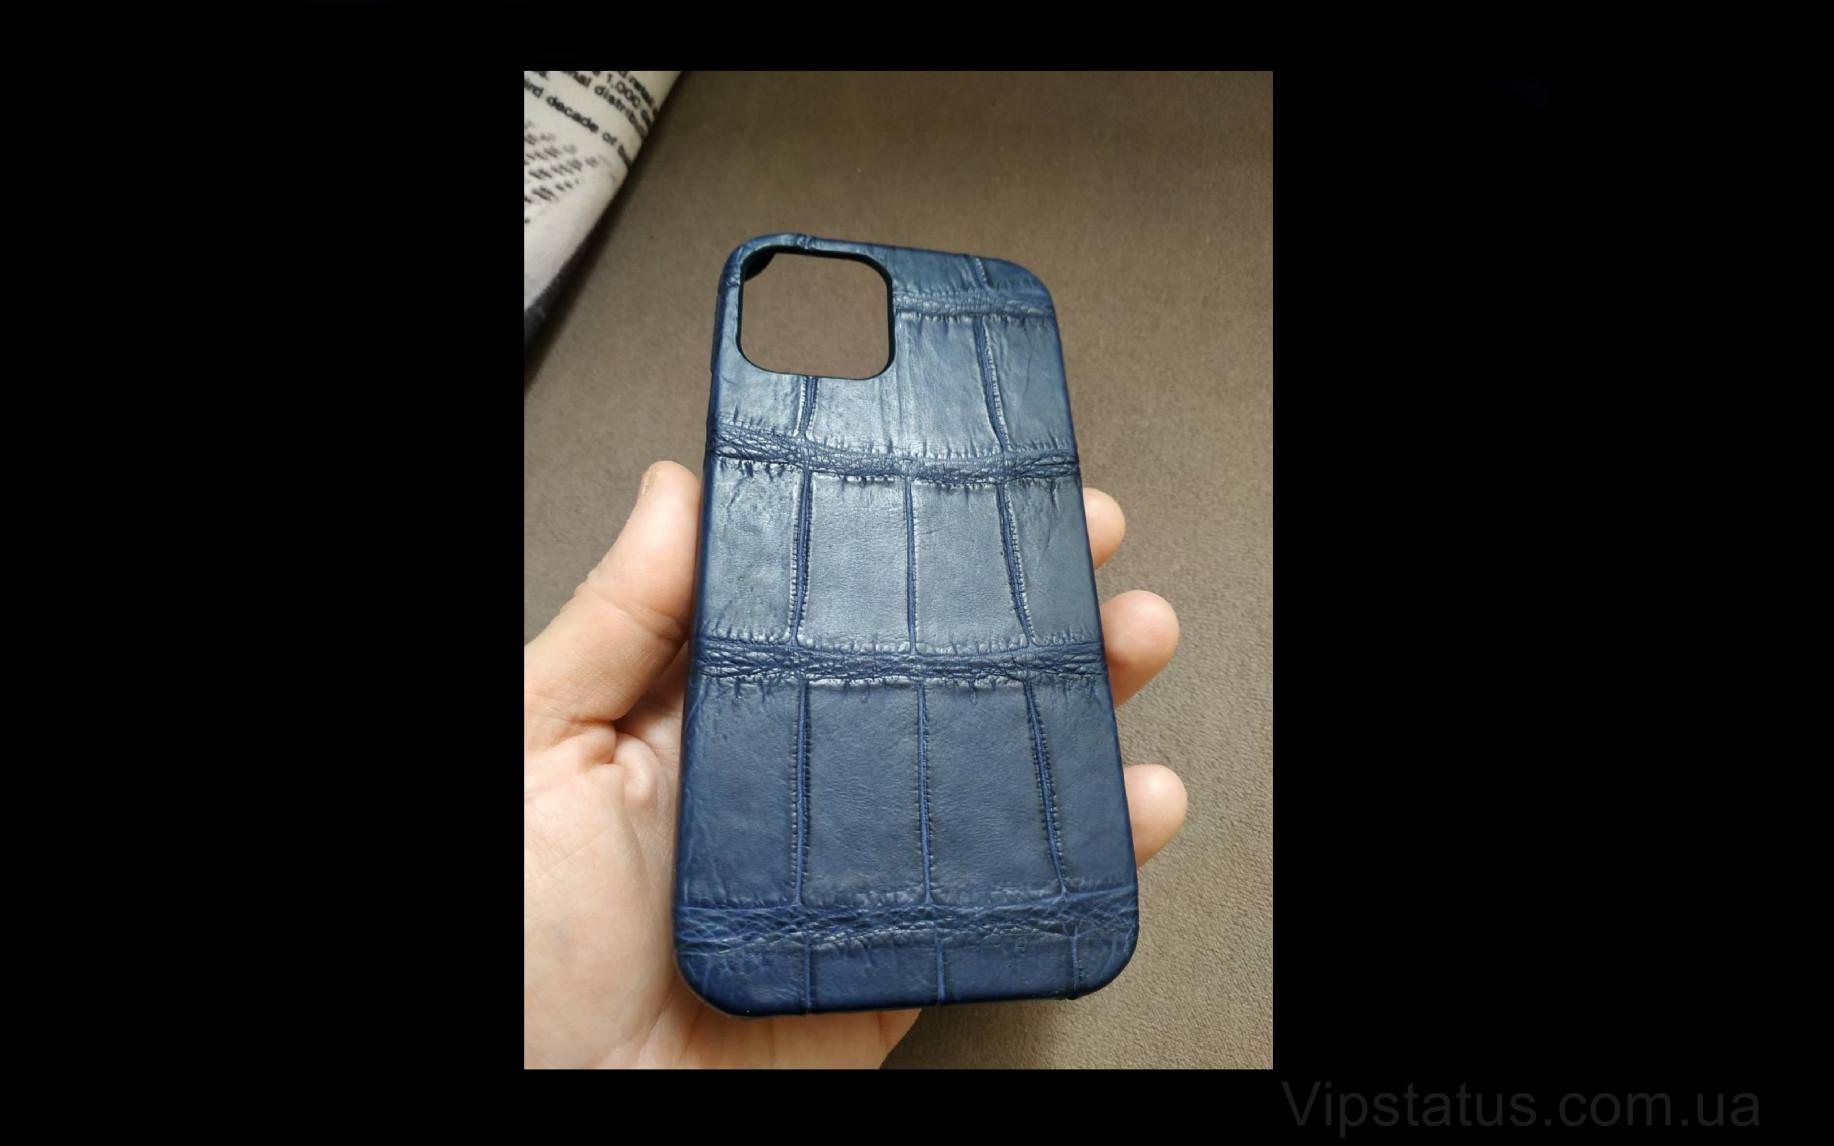 Elite Blue Twilight Элитный чехол IPhone 11 12 Pro Max Blue Twilight Elite case IPhone 11 12 Pro Max Crocodile leather image 2